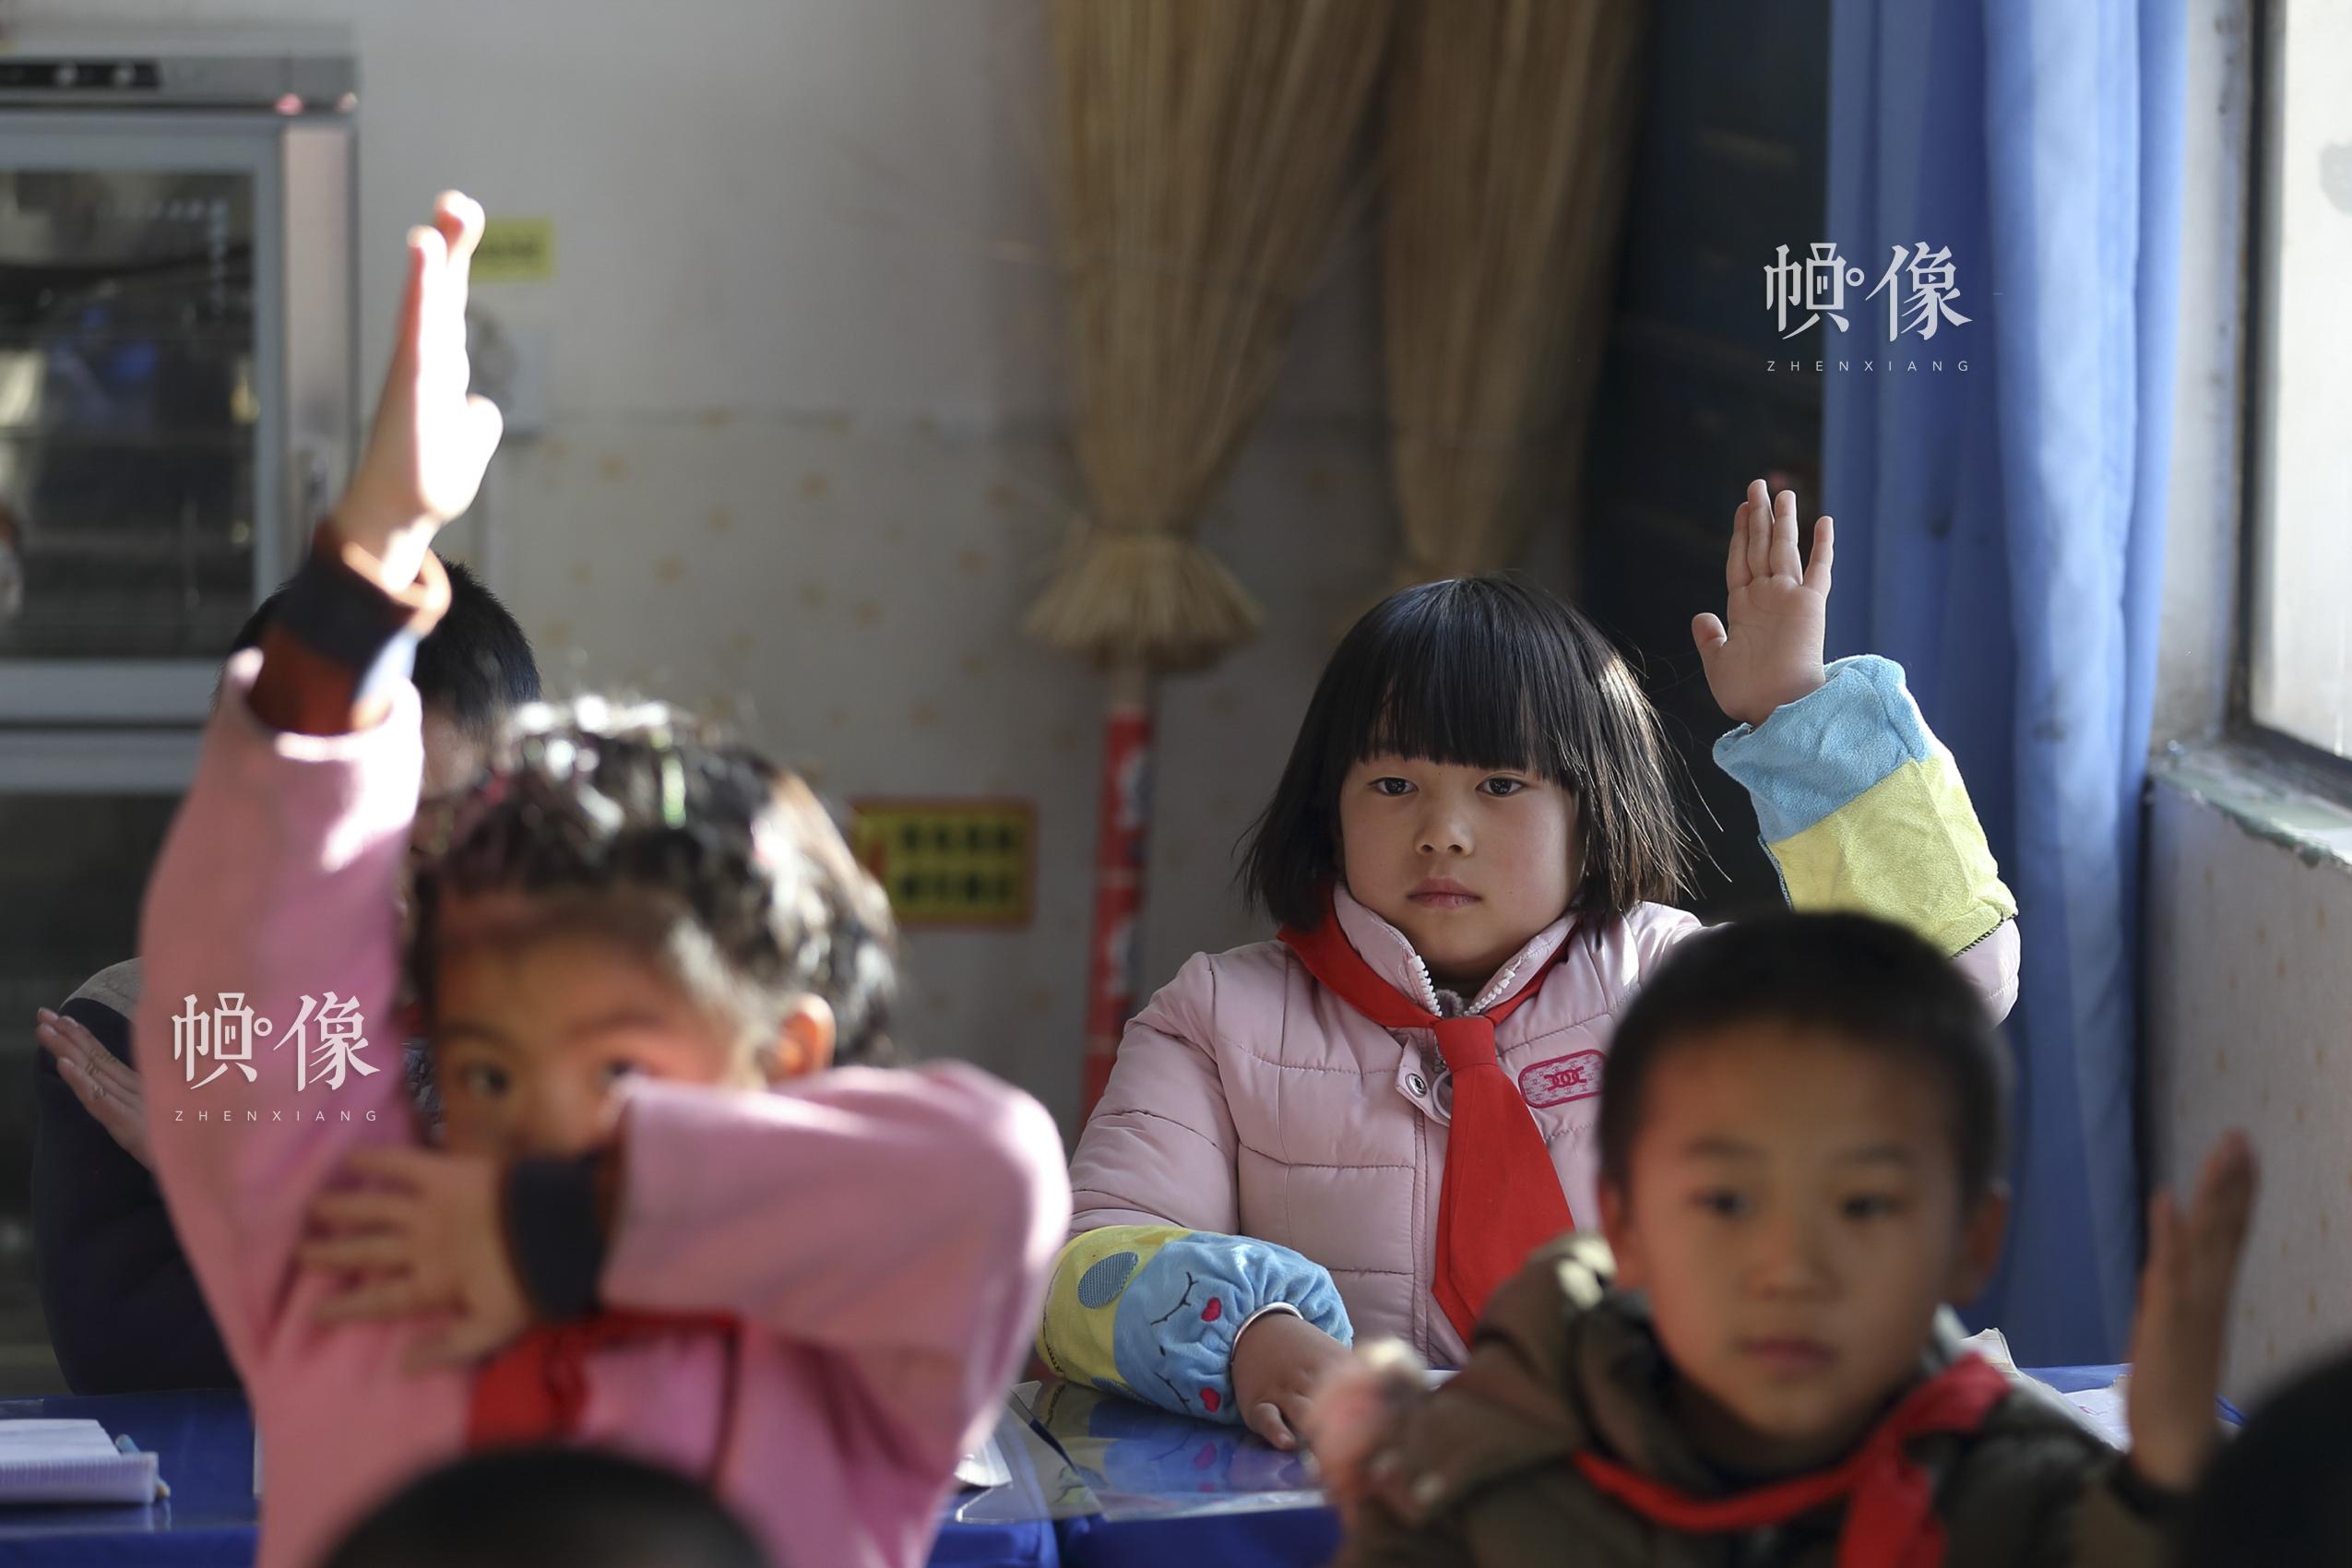 六岁的马蓉举手回答老师问题。这个性格内向的小女孩学习很认真,数学成绩在班里总能排到前两名?!拔蚁不渡涎?,因为可以学到很多知识?!敝泄钦?陈维松 摄